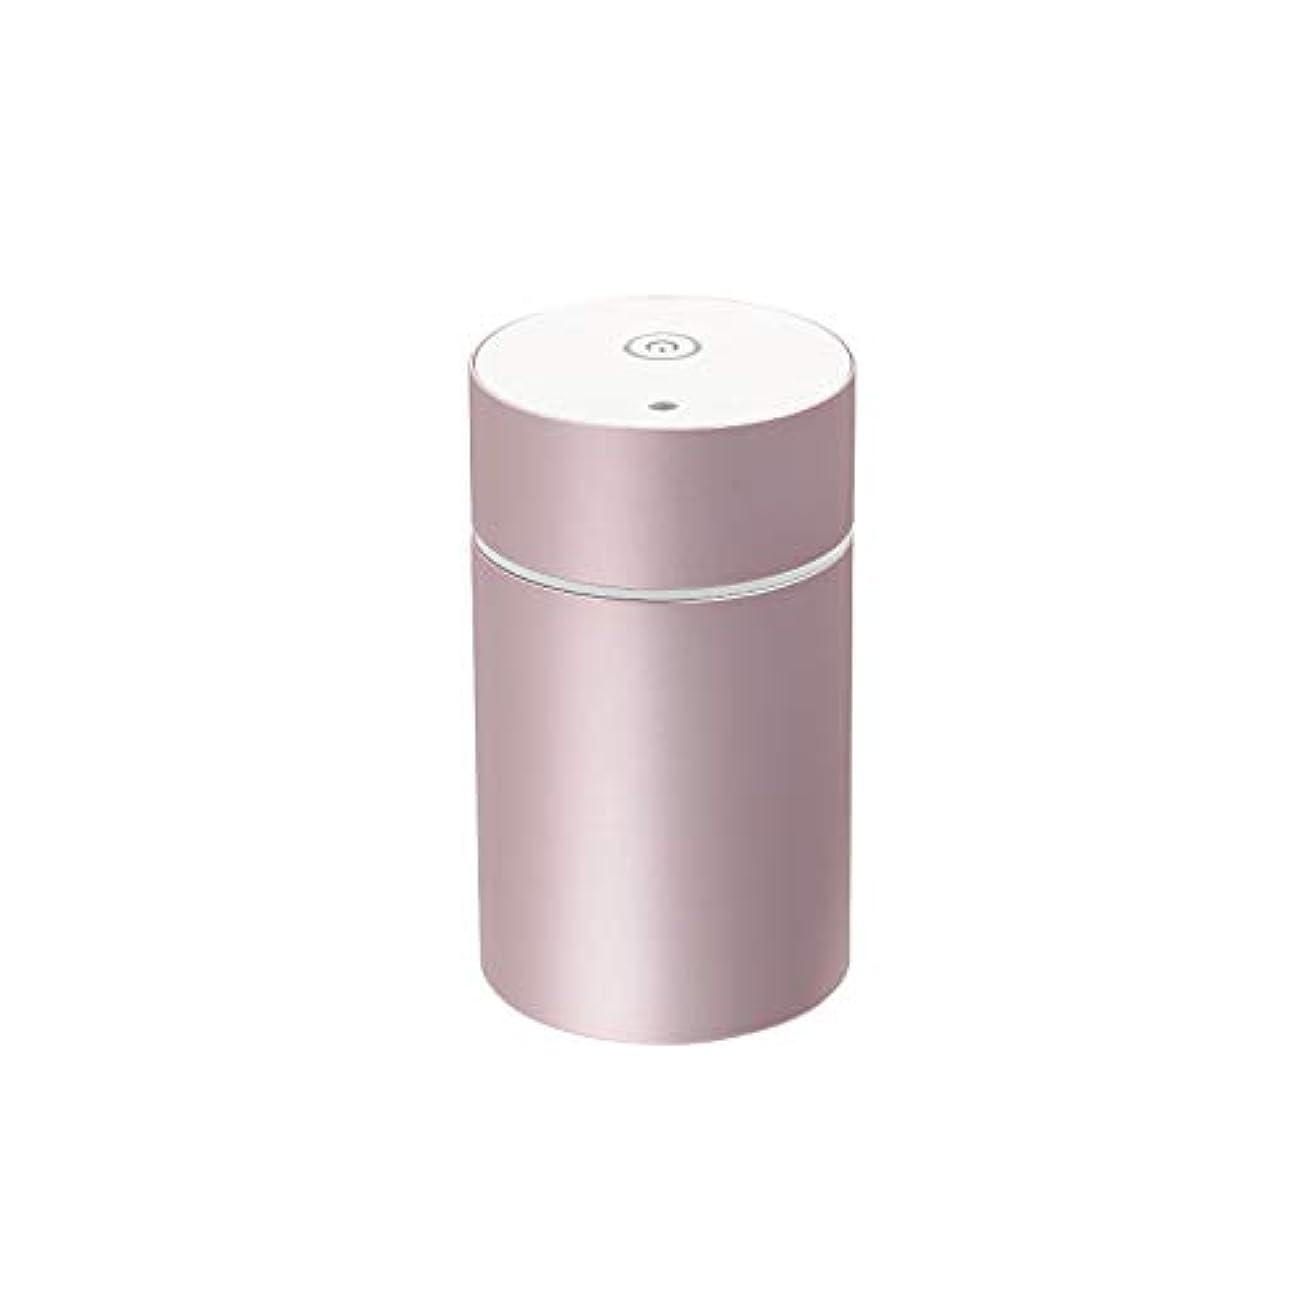 太鼓腹治世排除する生活の木 アロマディフューザー(ピンク)aromore mini(アロモアミニ) 08-801-7020